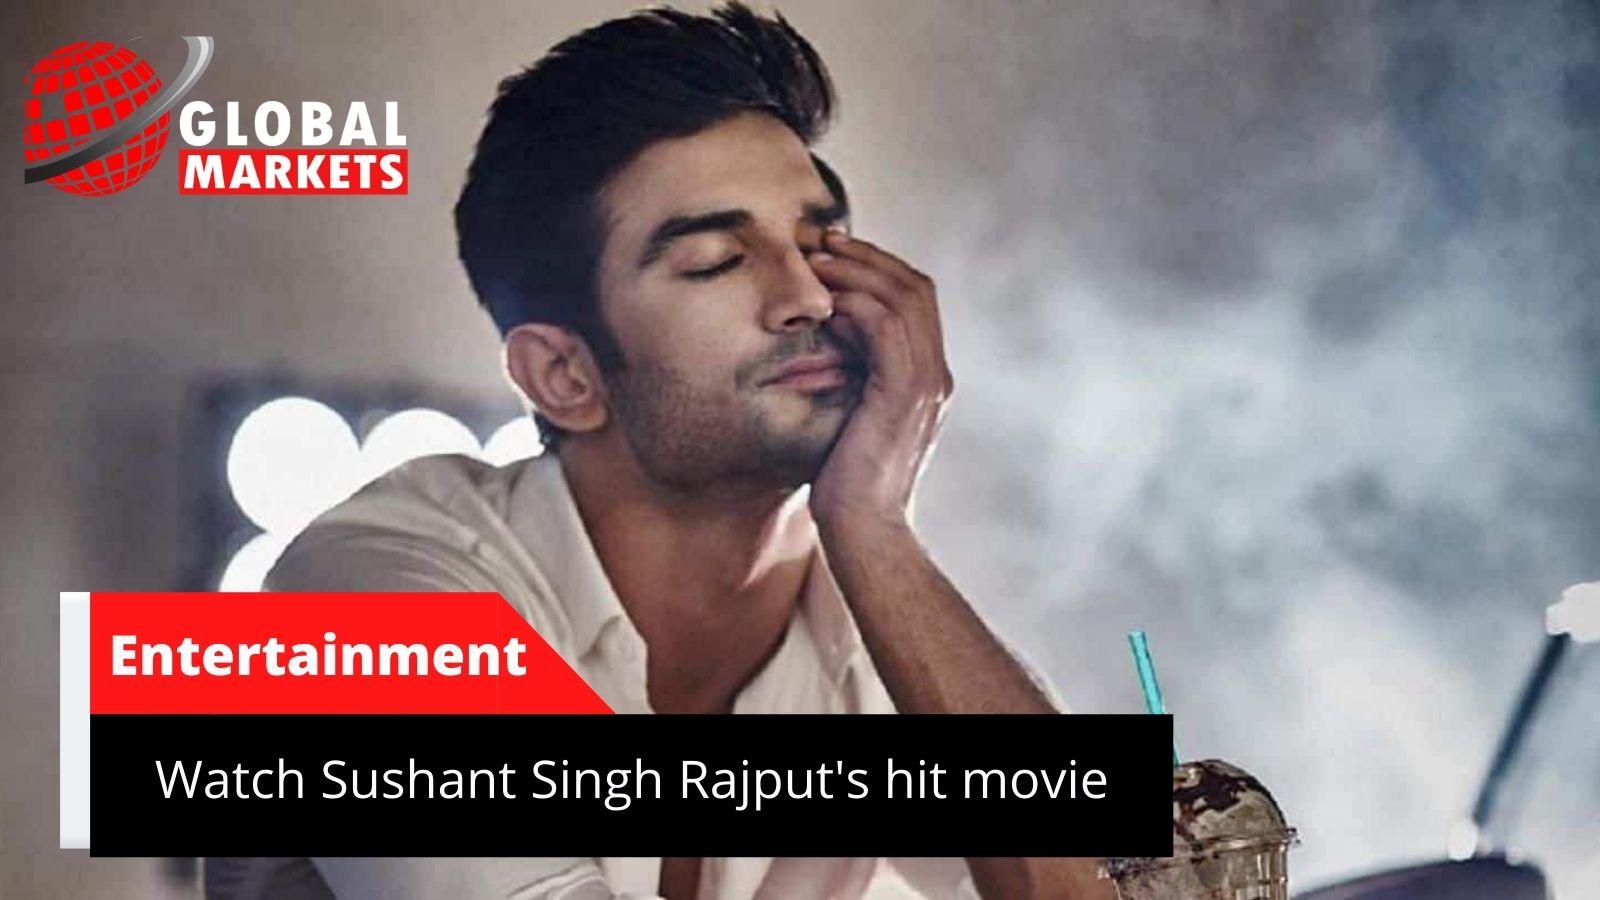 Top 5 Movie In Memories of Sushant Singh Rajput Death Anniversary